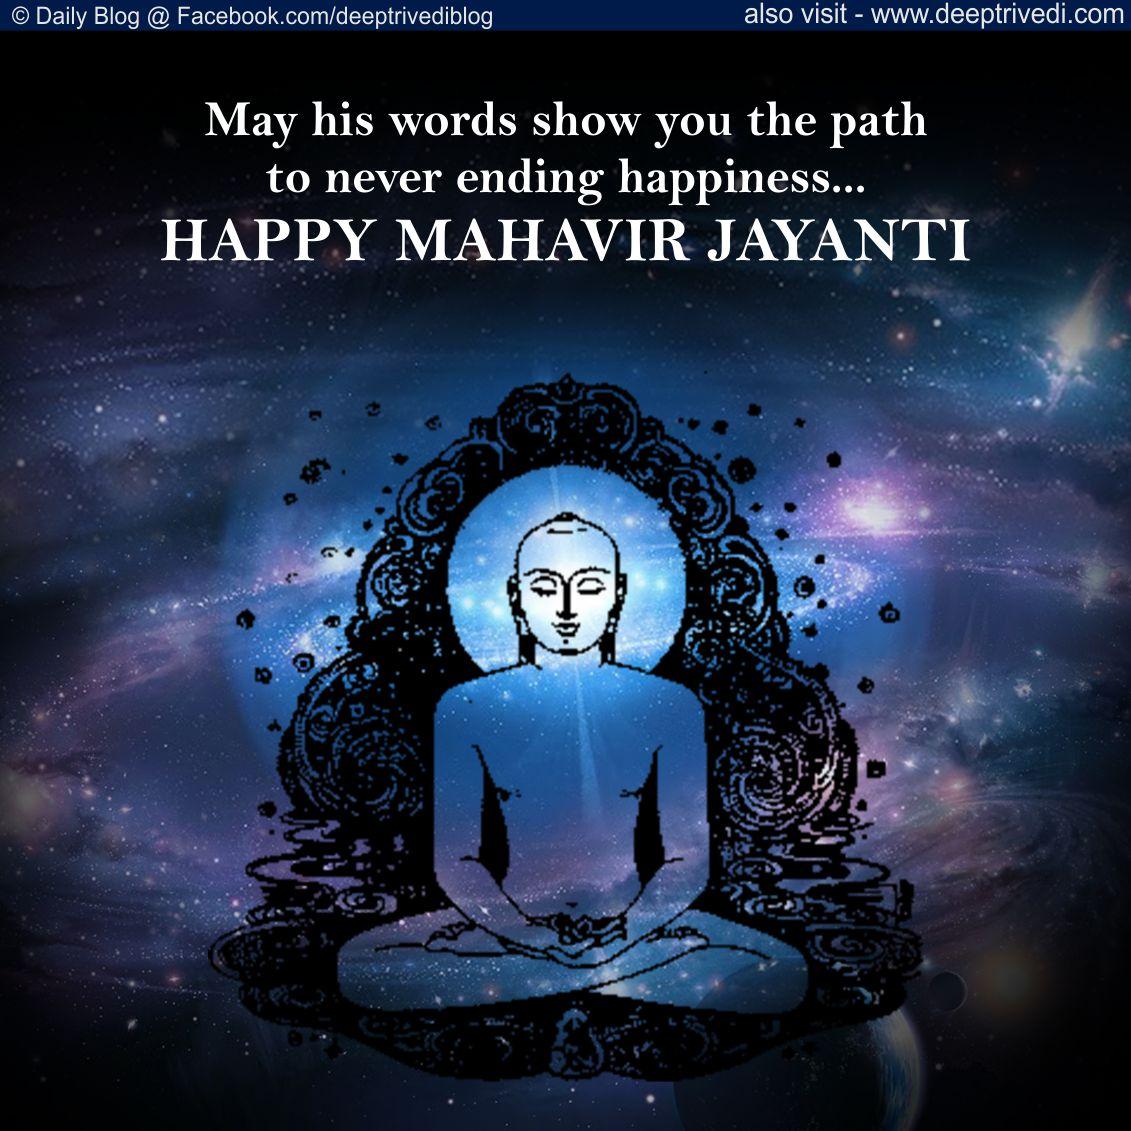 mahavir jayanti - English